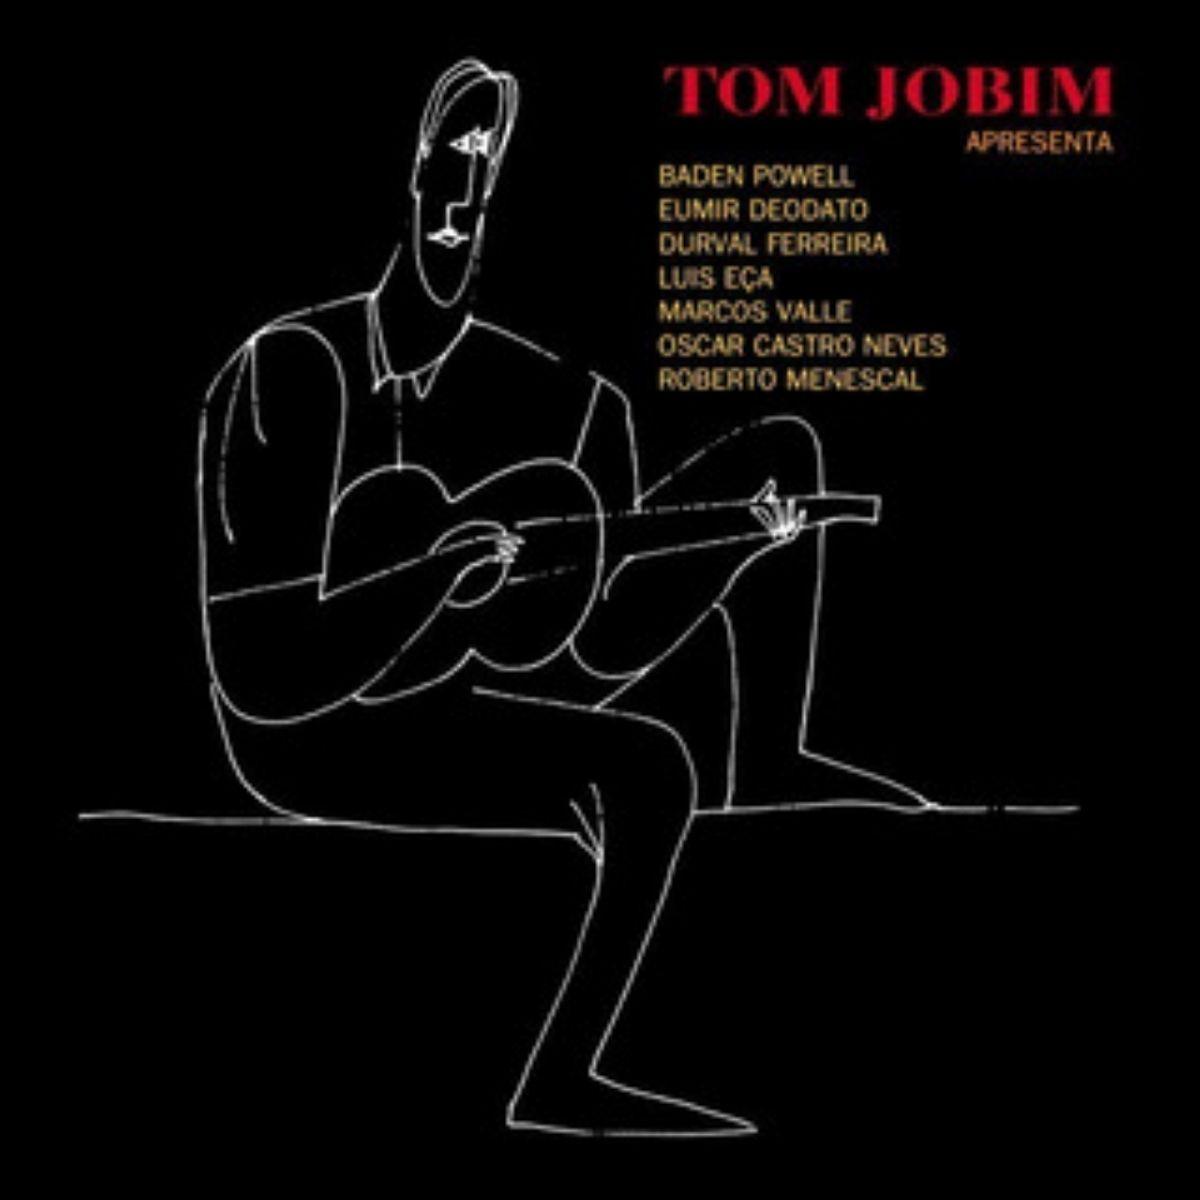 Lp Tom Jobim Apresenta Novo Lacrado Long Play 45 R.p.m